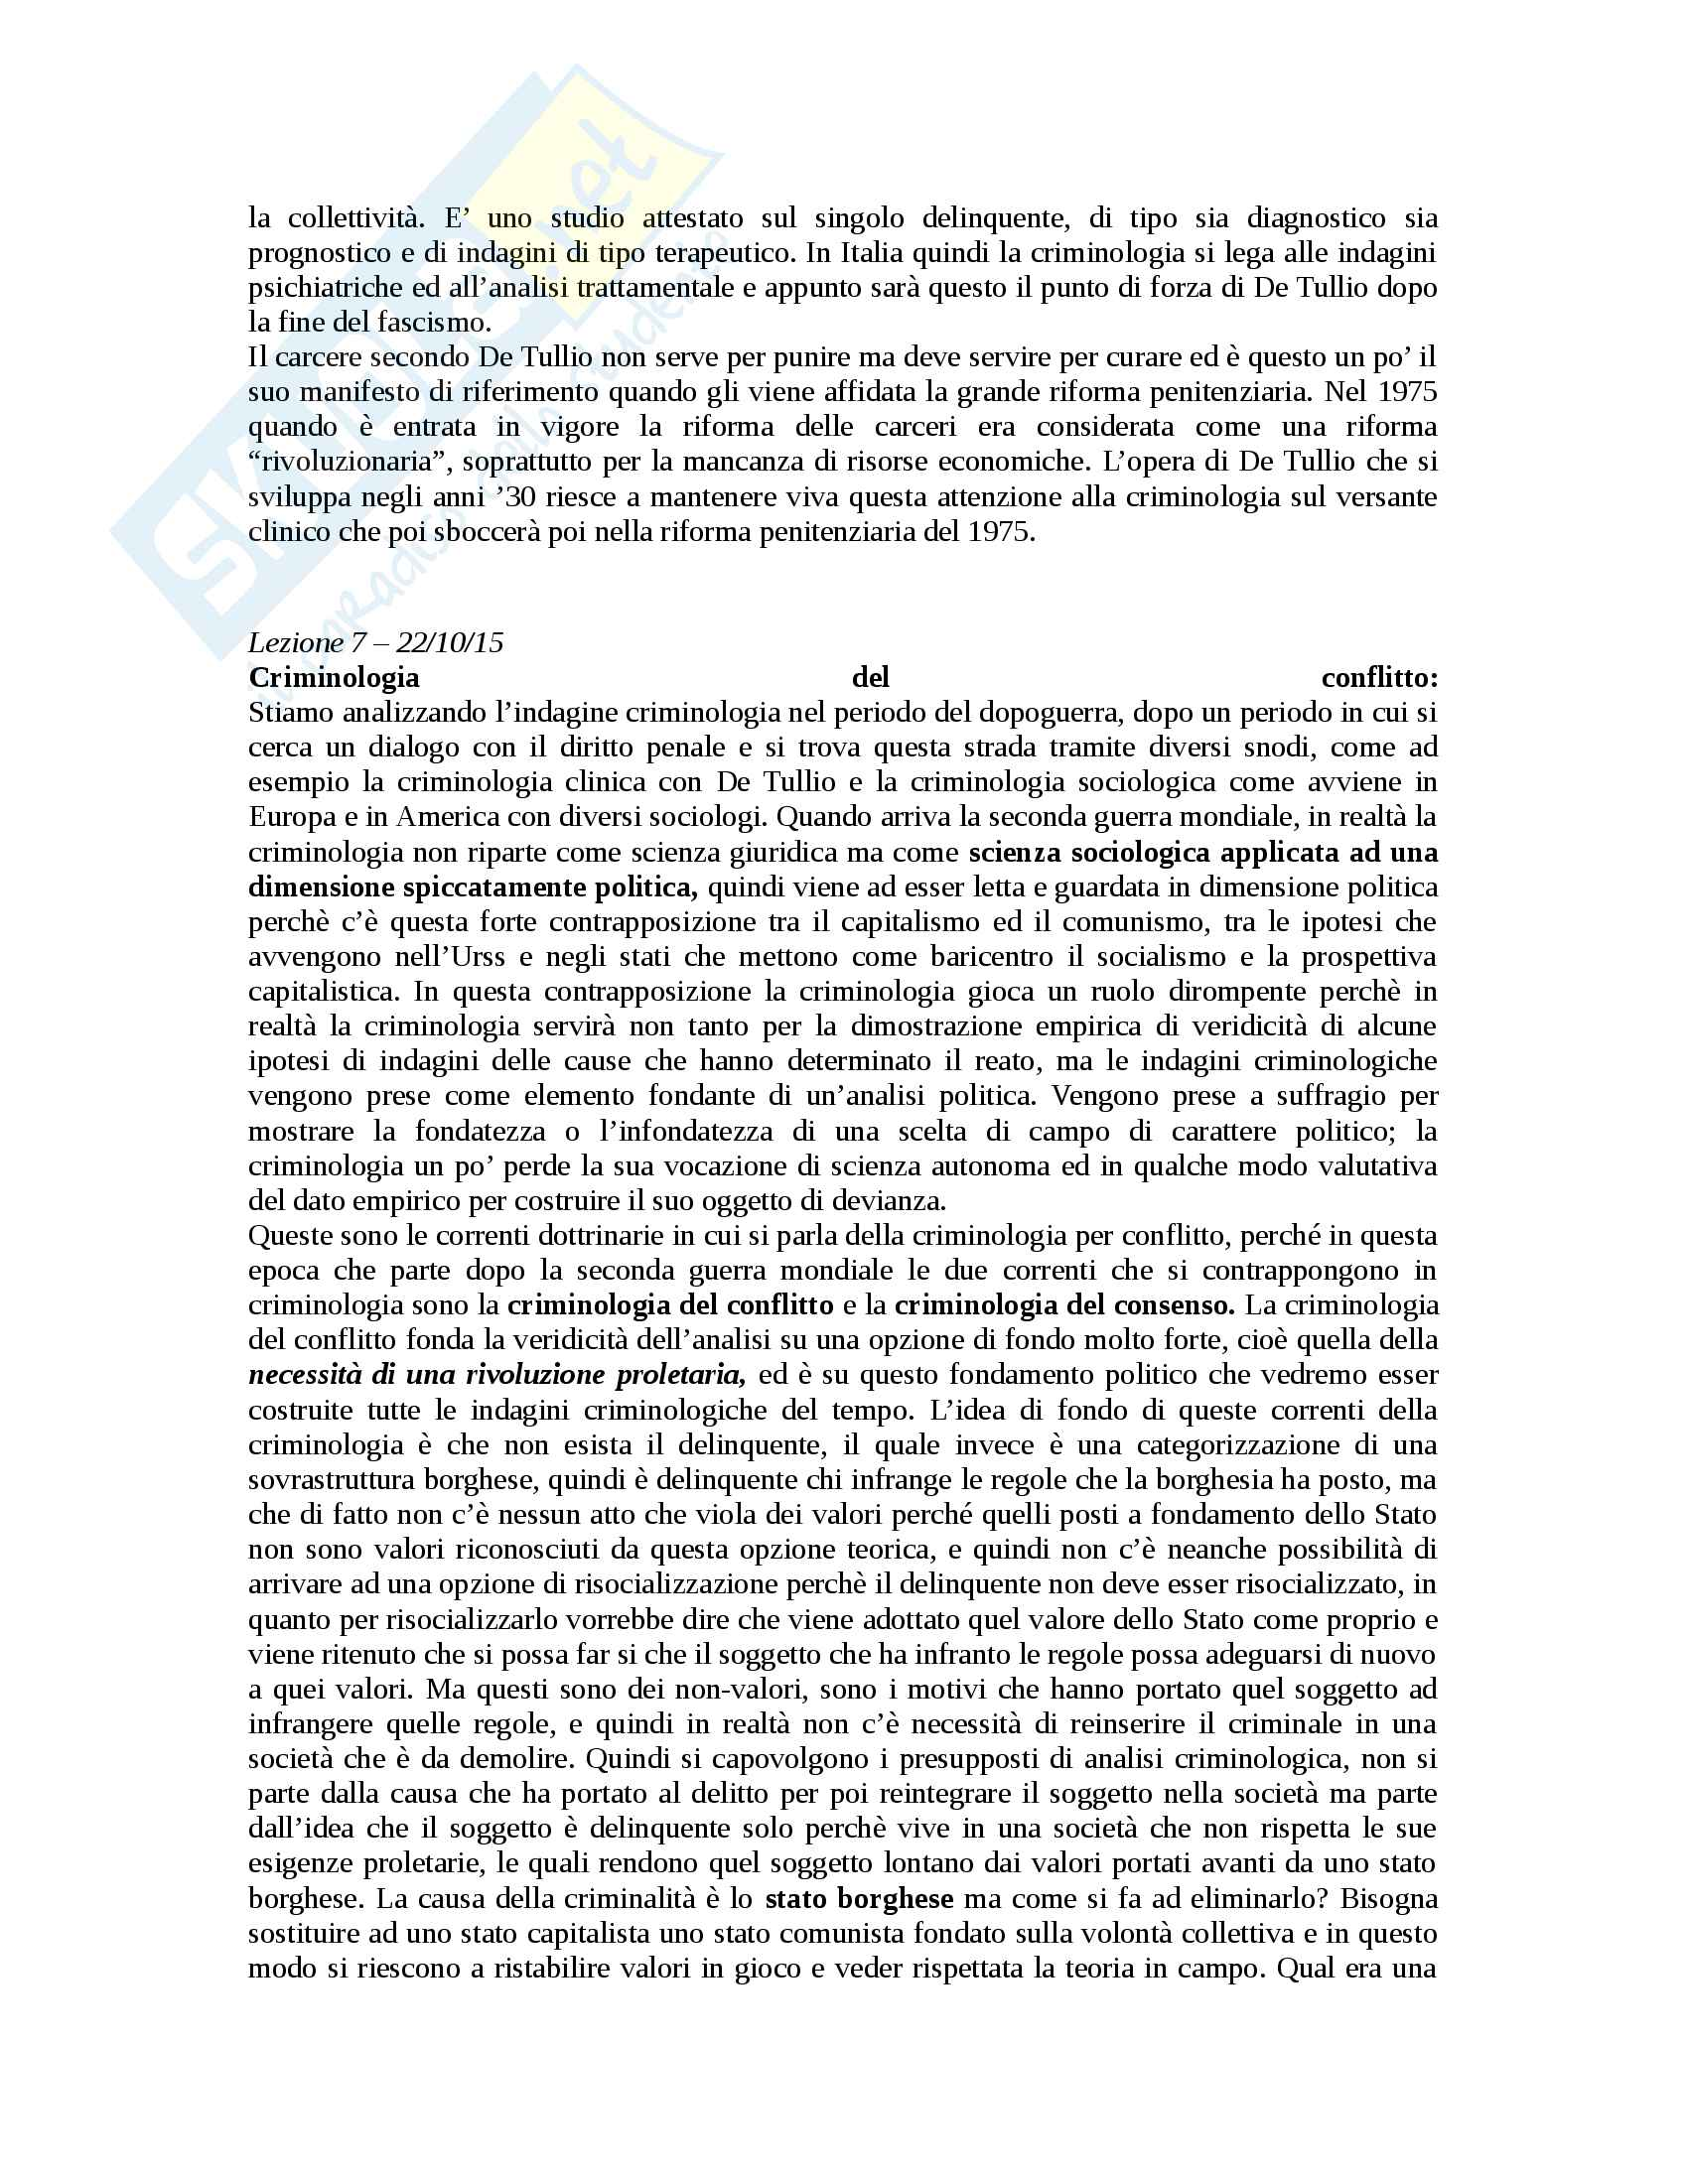 Criminologia completo Pag. 16